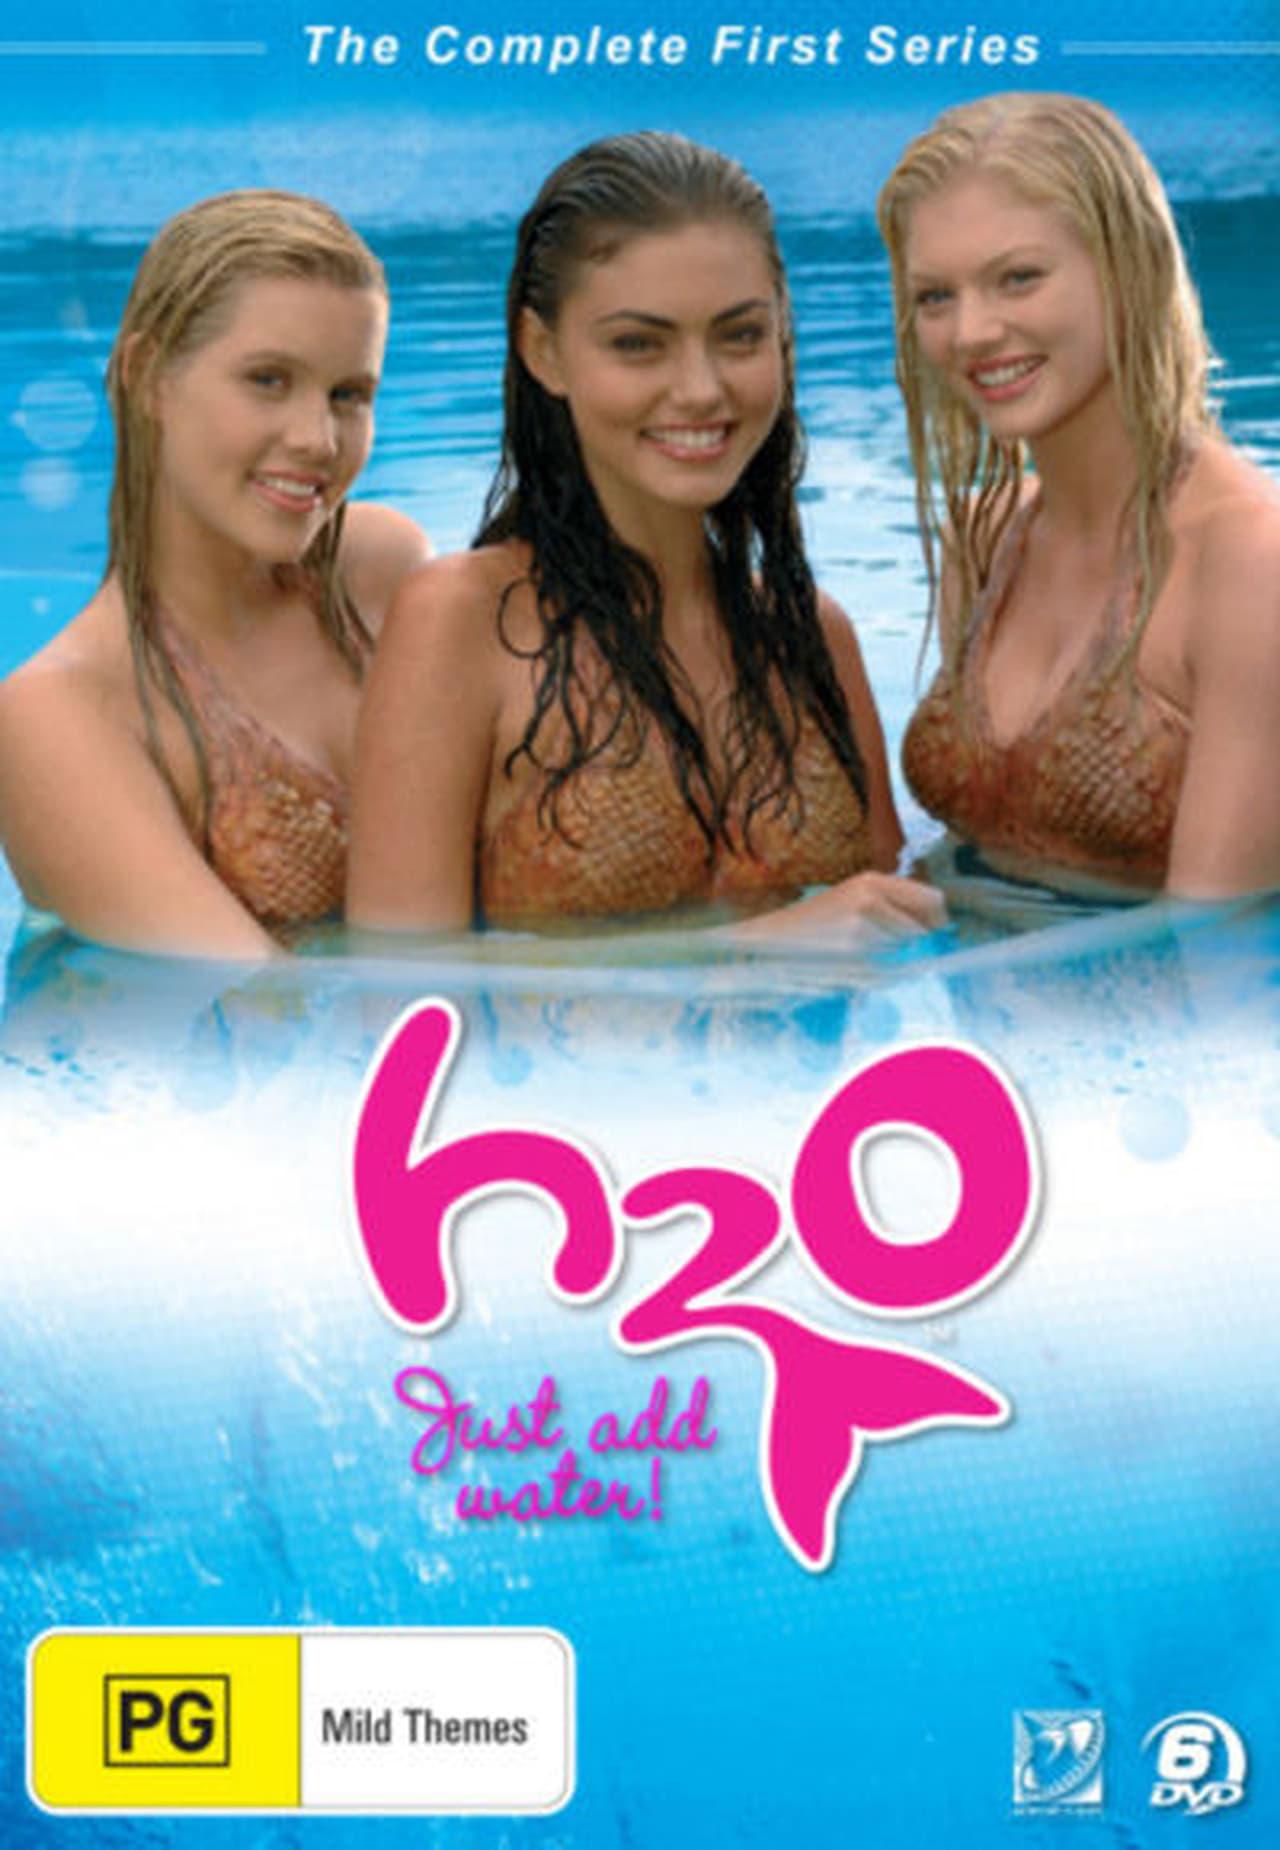 H2o 2 сезон смотреть онлайн hd 720